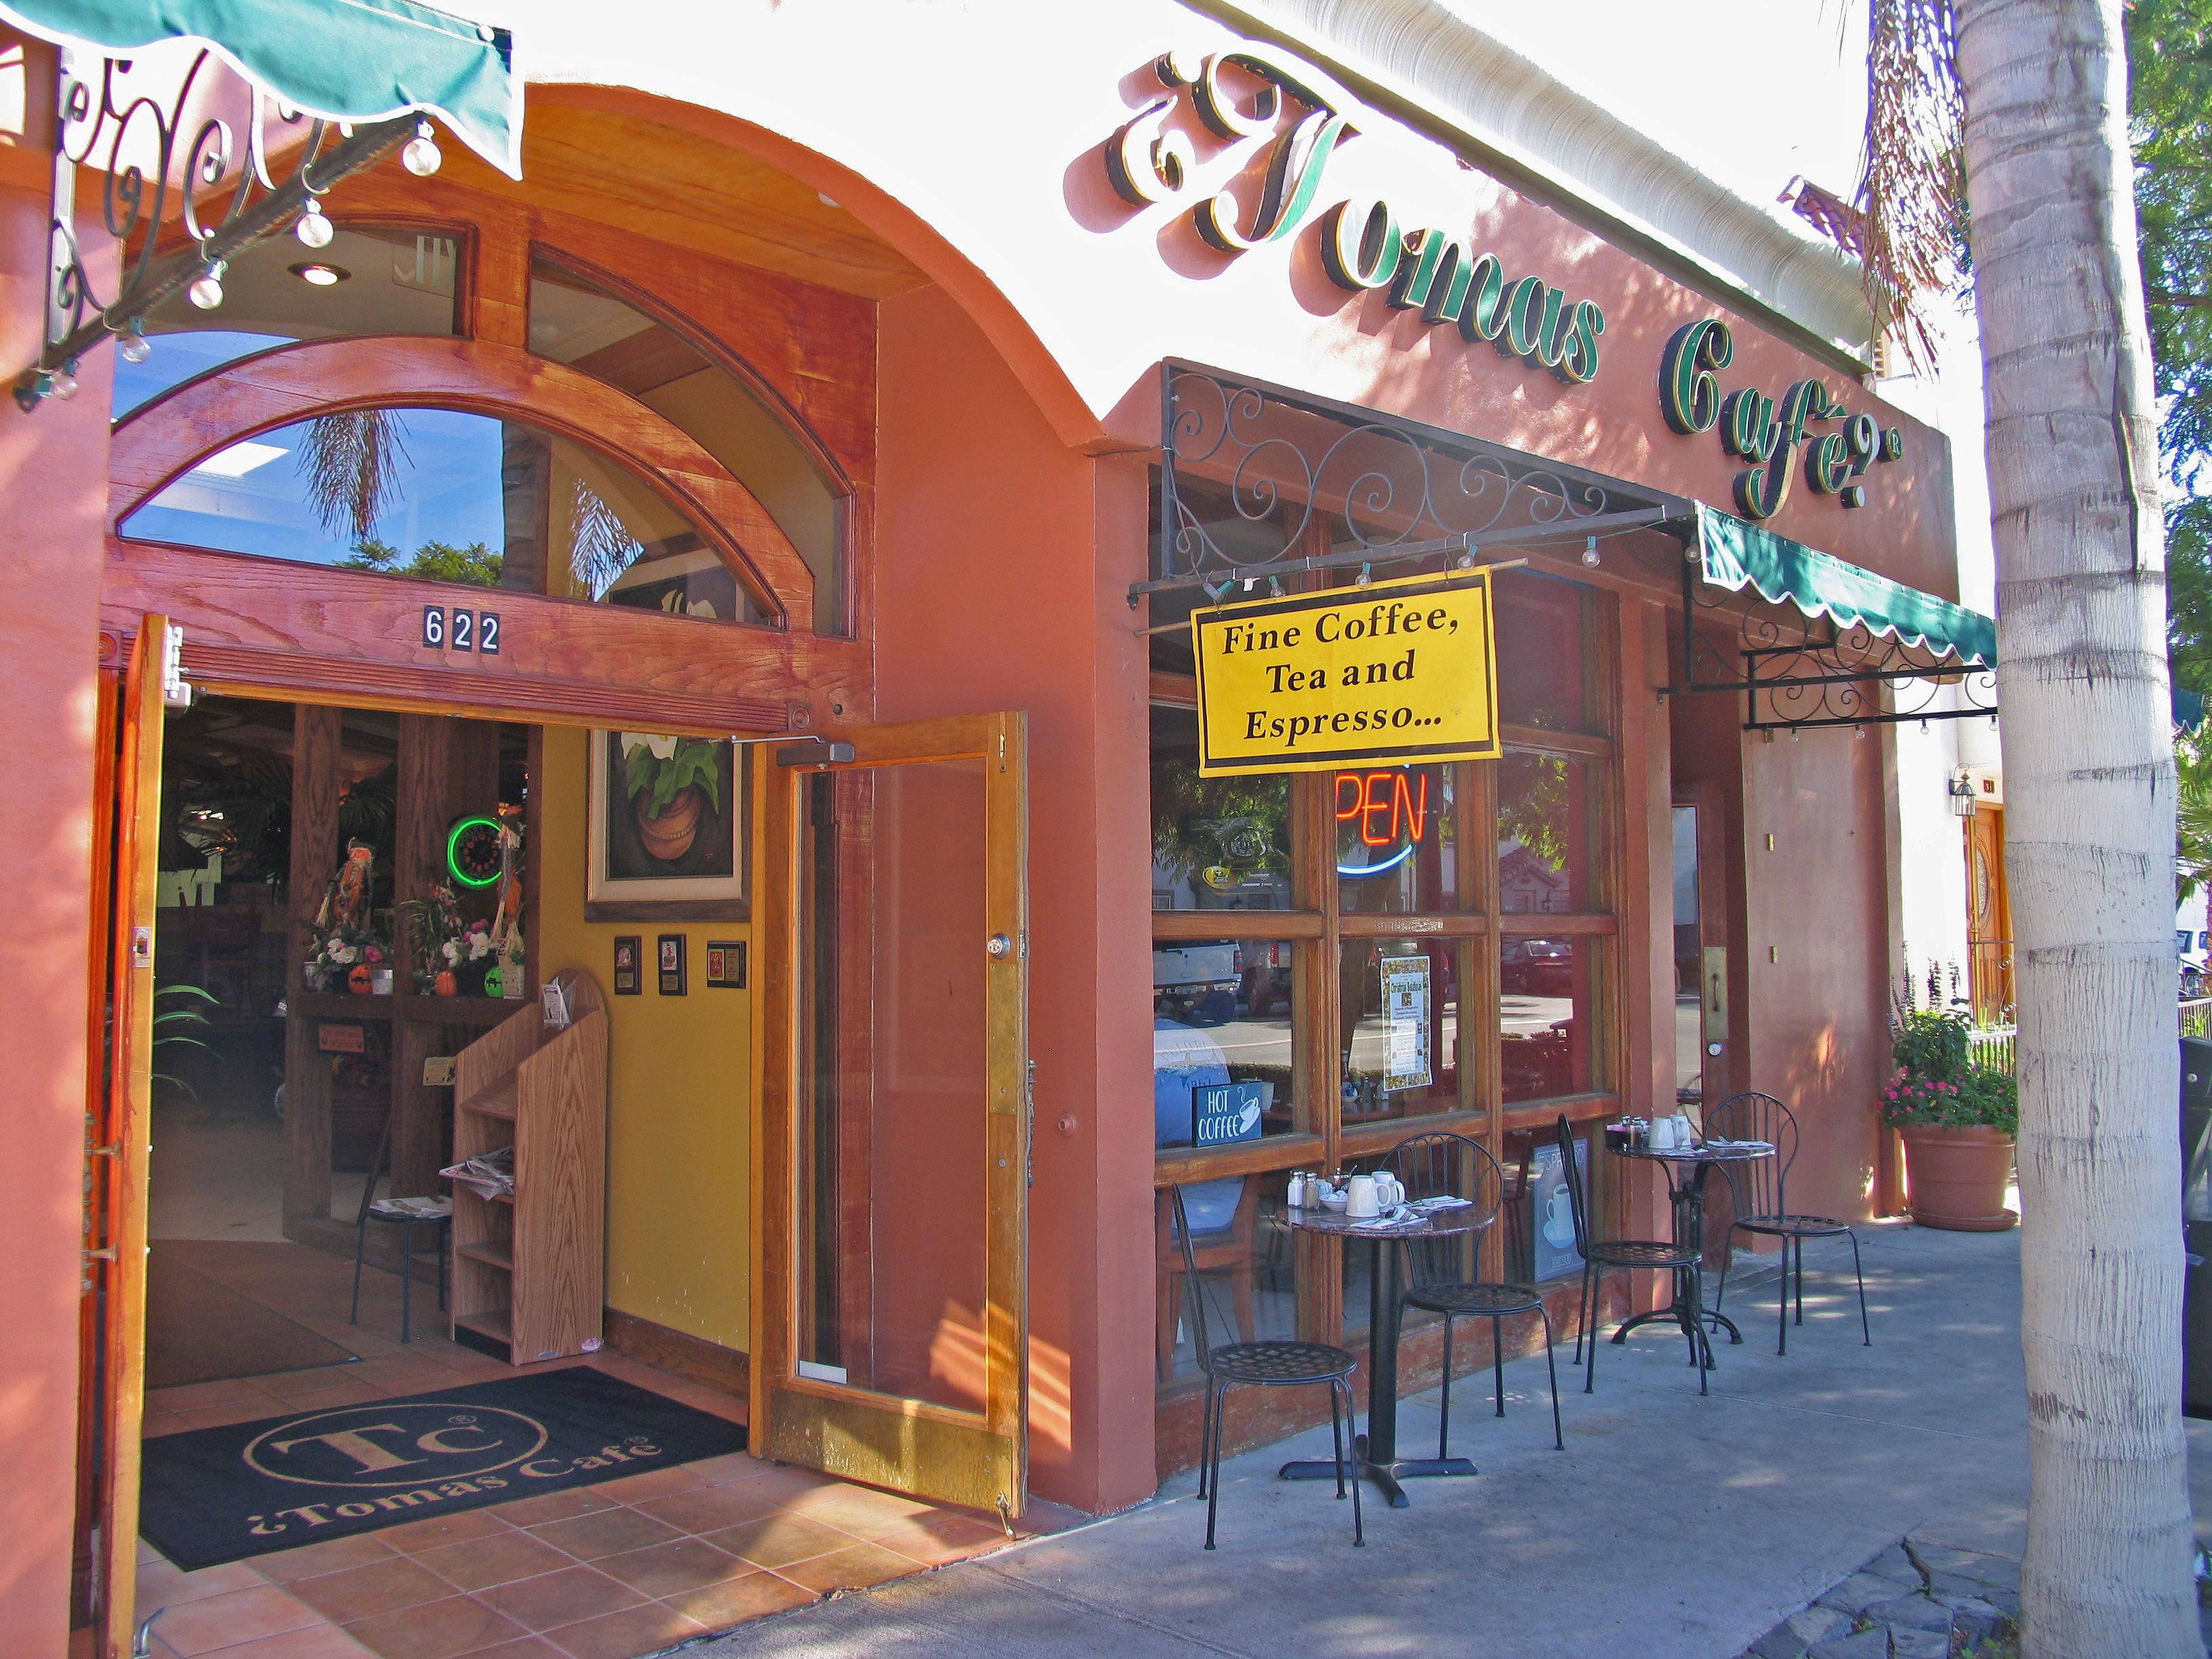 Tomas Café